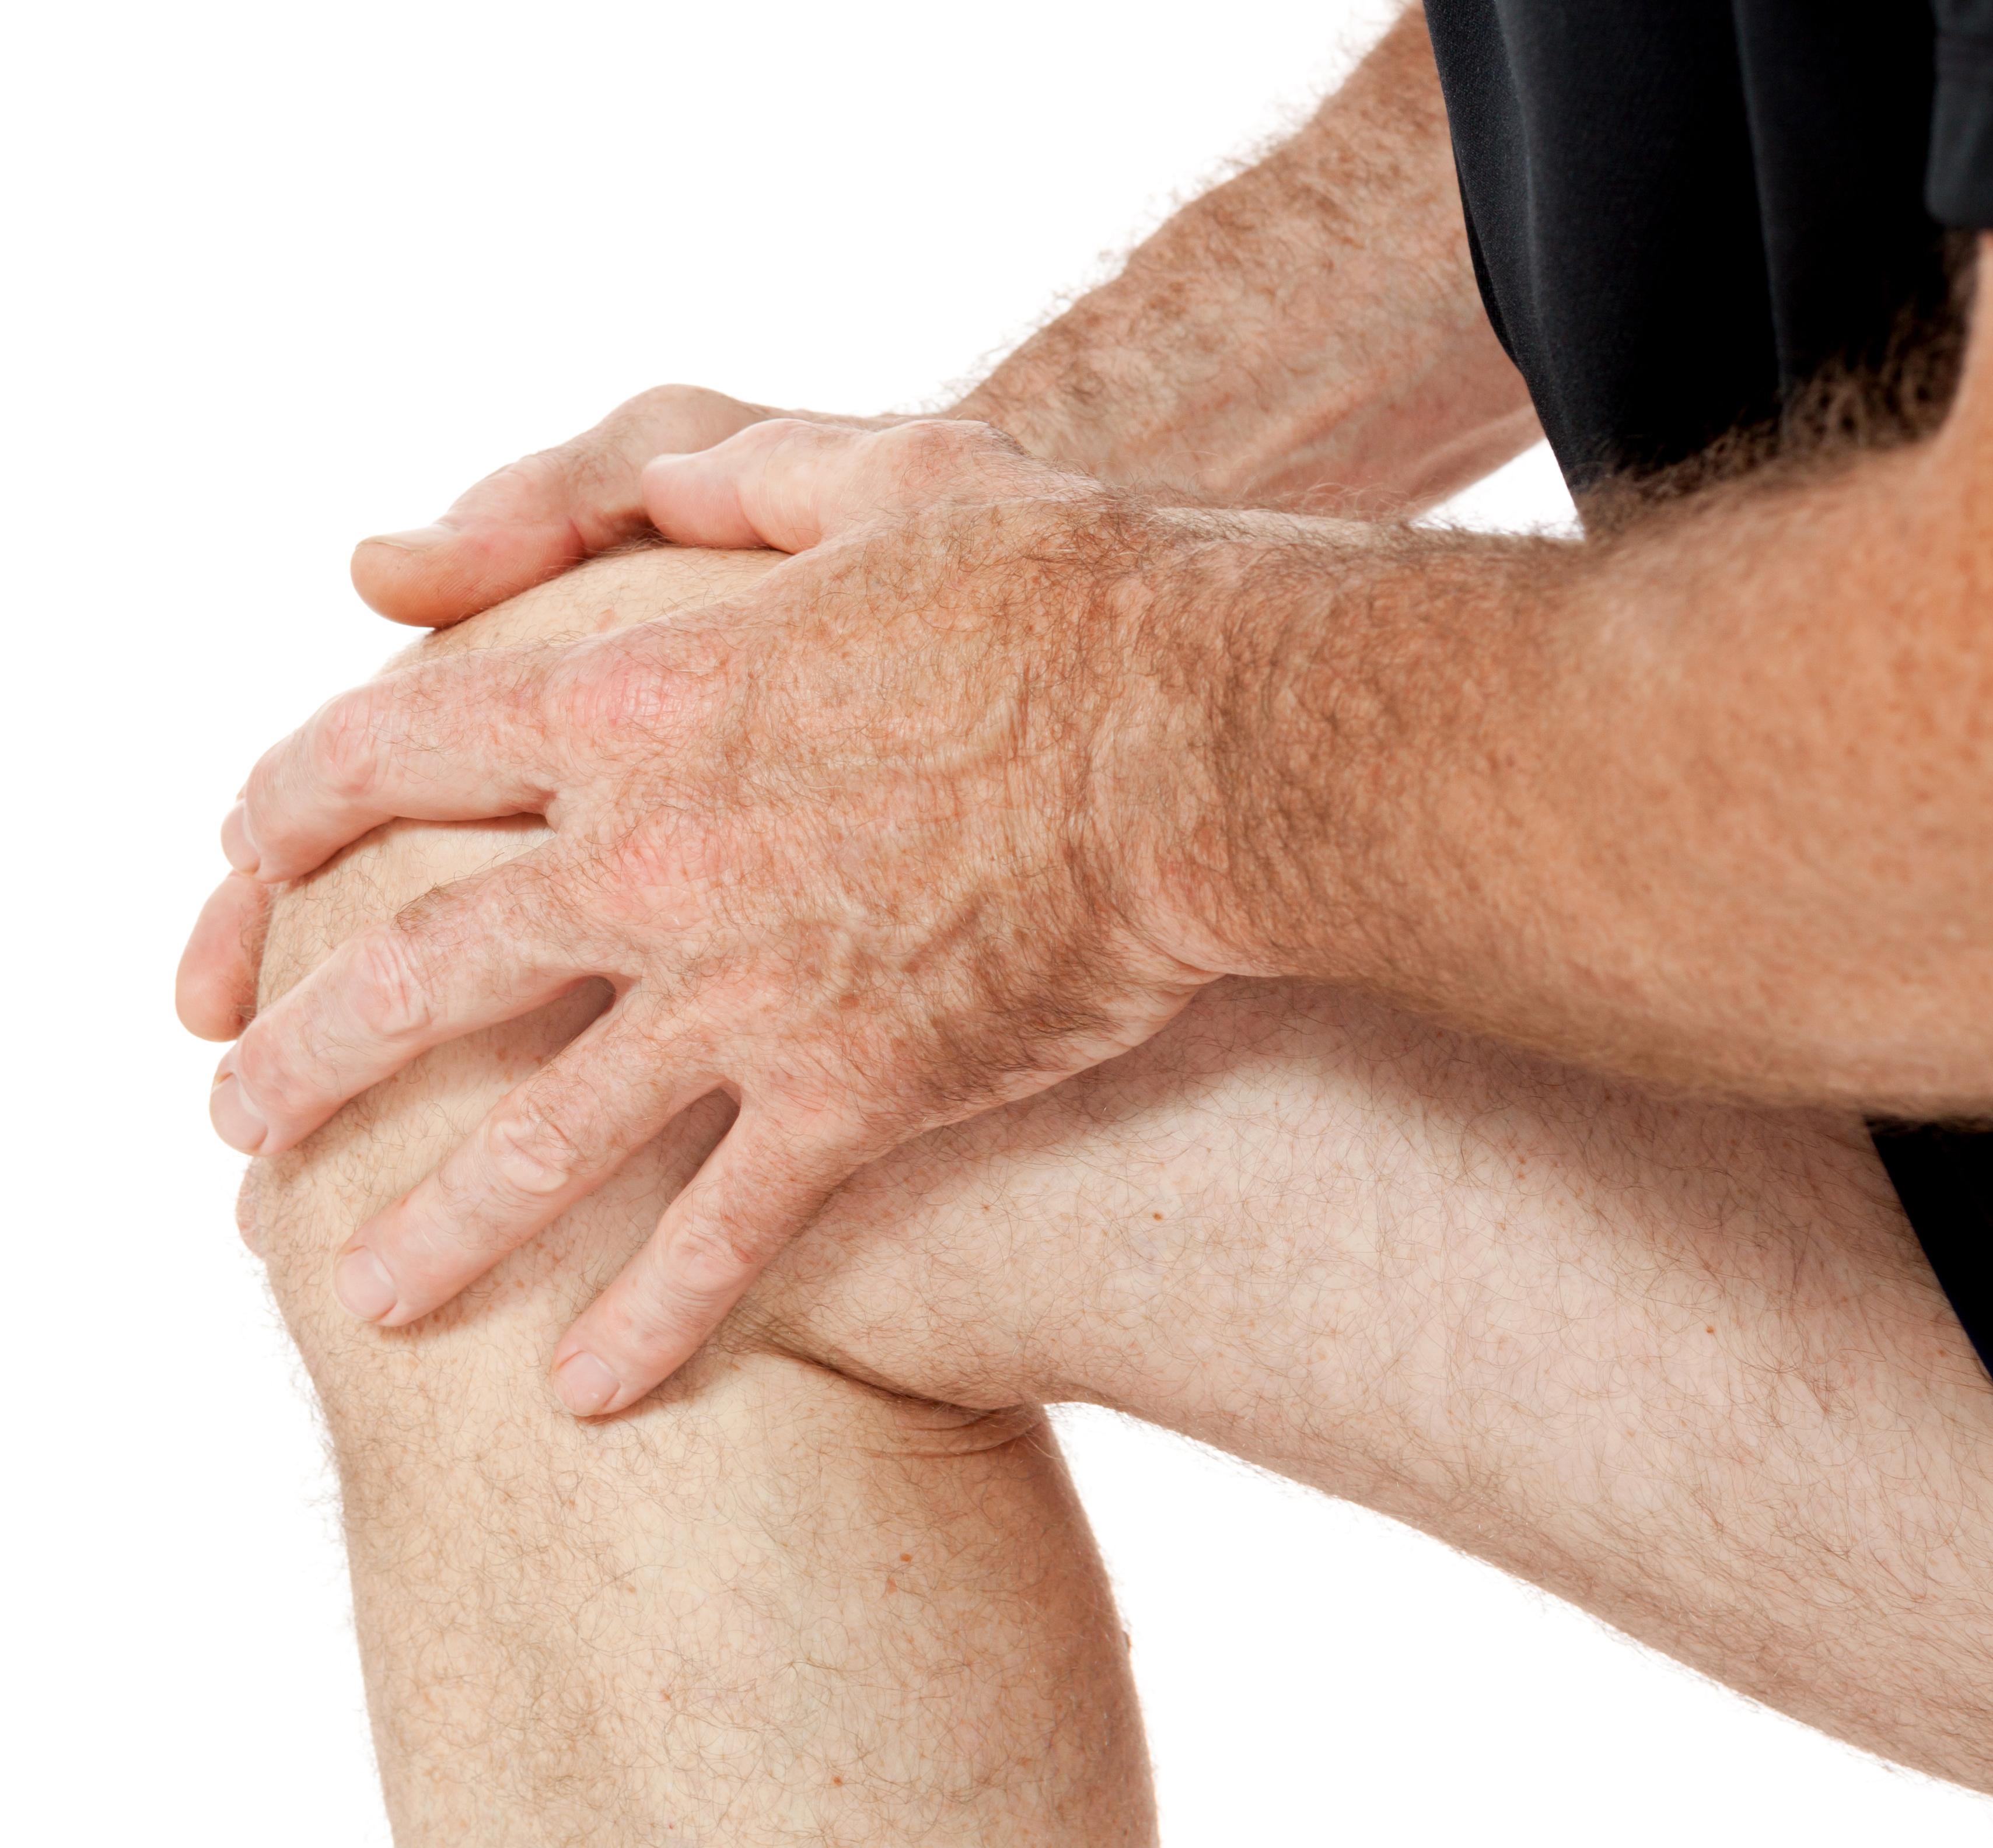 térdízület csípőfájdalma